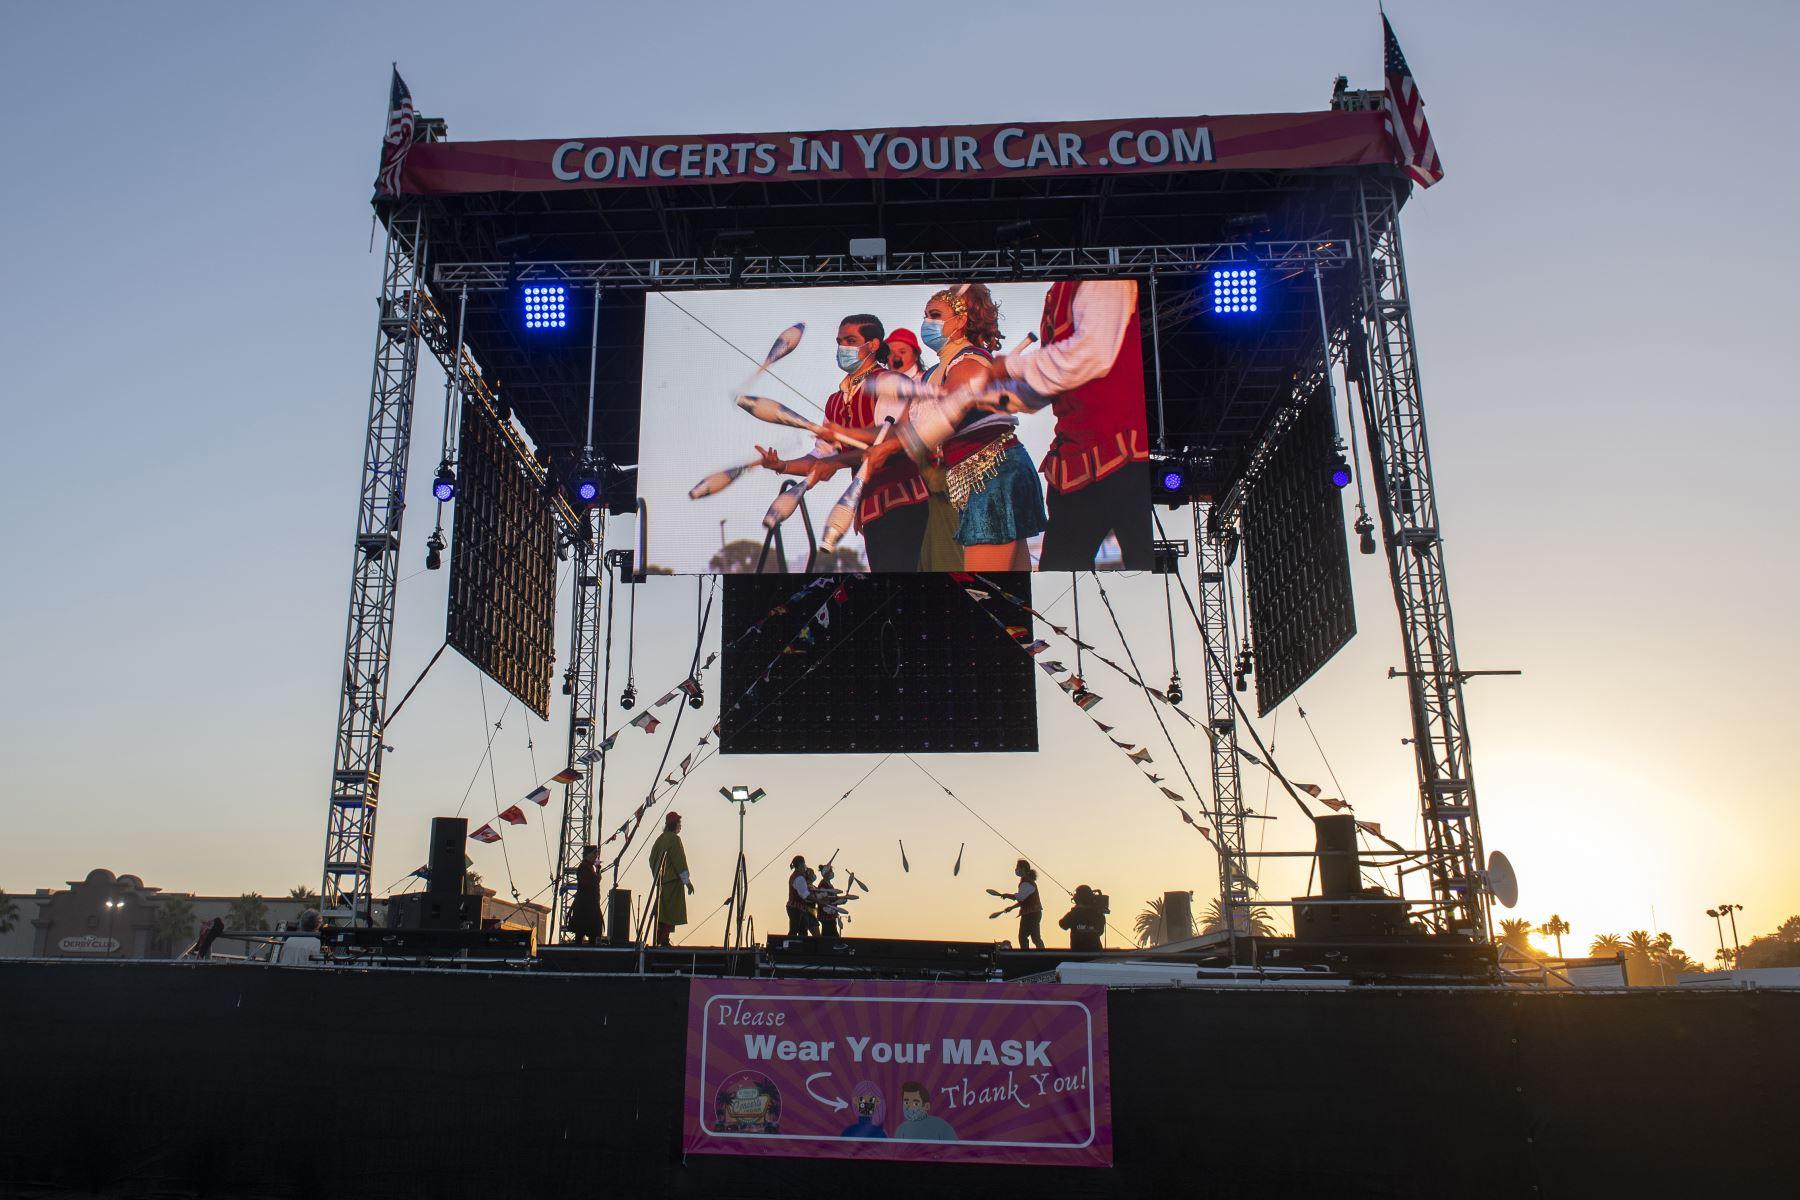 Los malabaristas de Zoppe Italian Family Circus se presentan en el escenario durante el evento en vivo